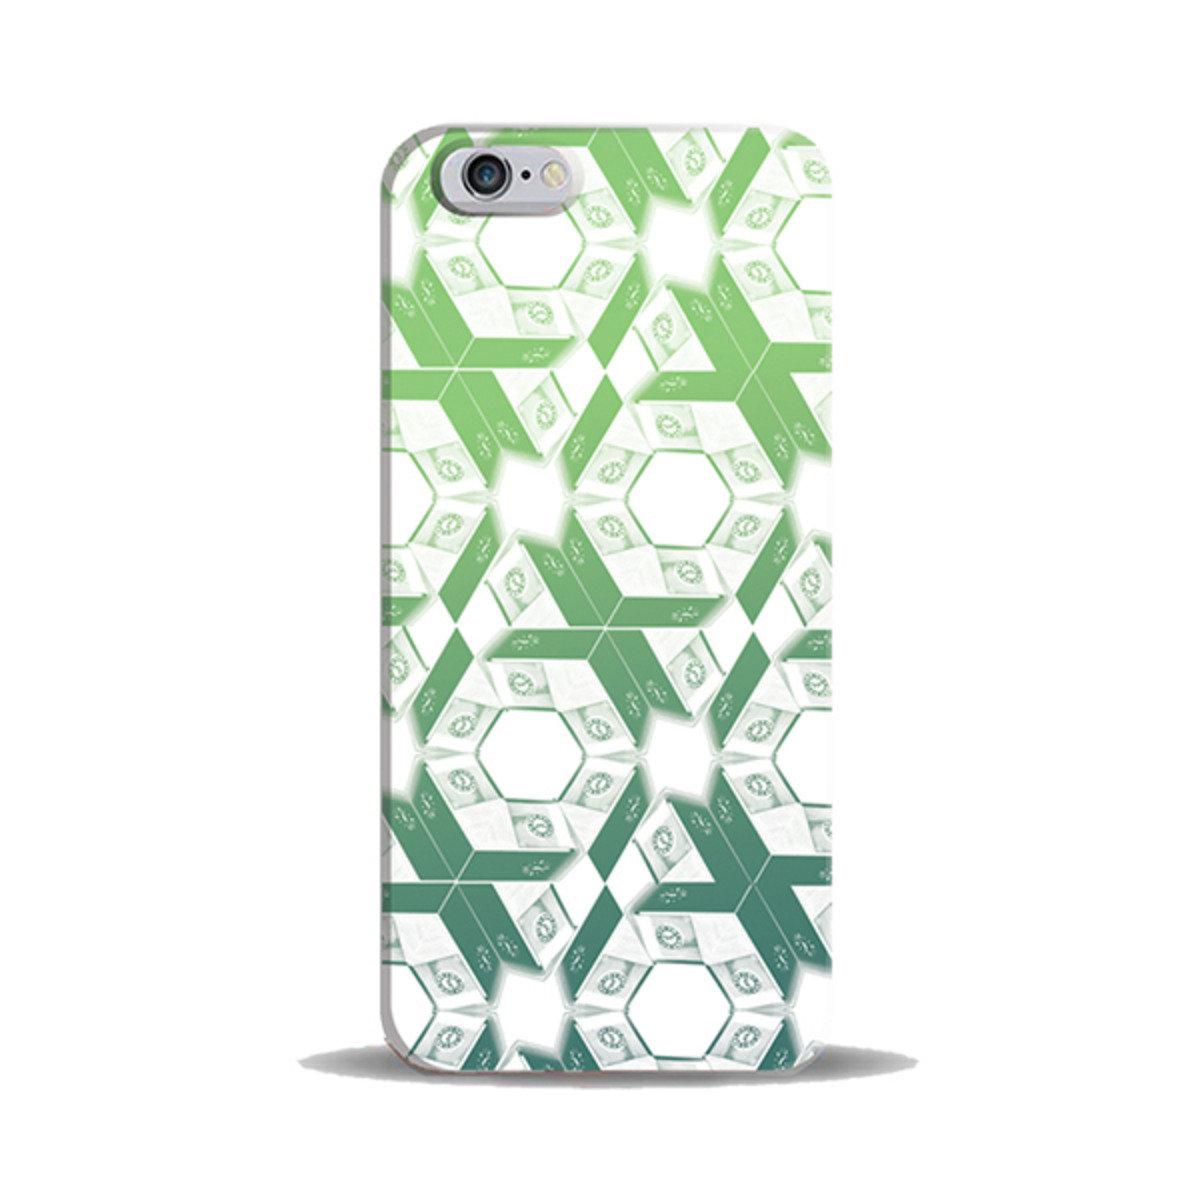 """iPhase - iPhone 6 (4.7"""") 手機膠殼電話保護套 4.7寸 (Queen's Pier) (另有適合iPhone 6 Plus 5.5寸型號)"""